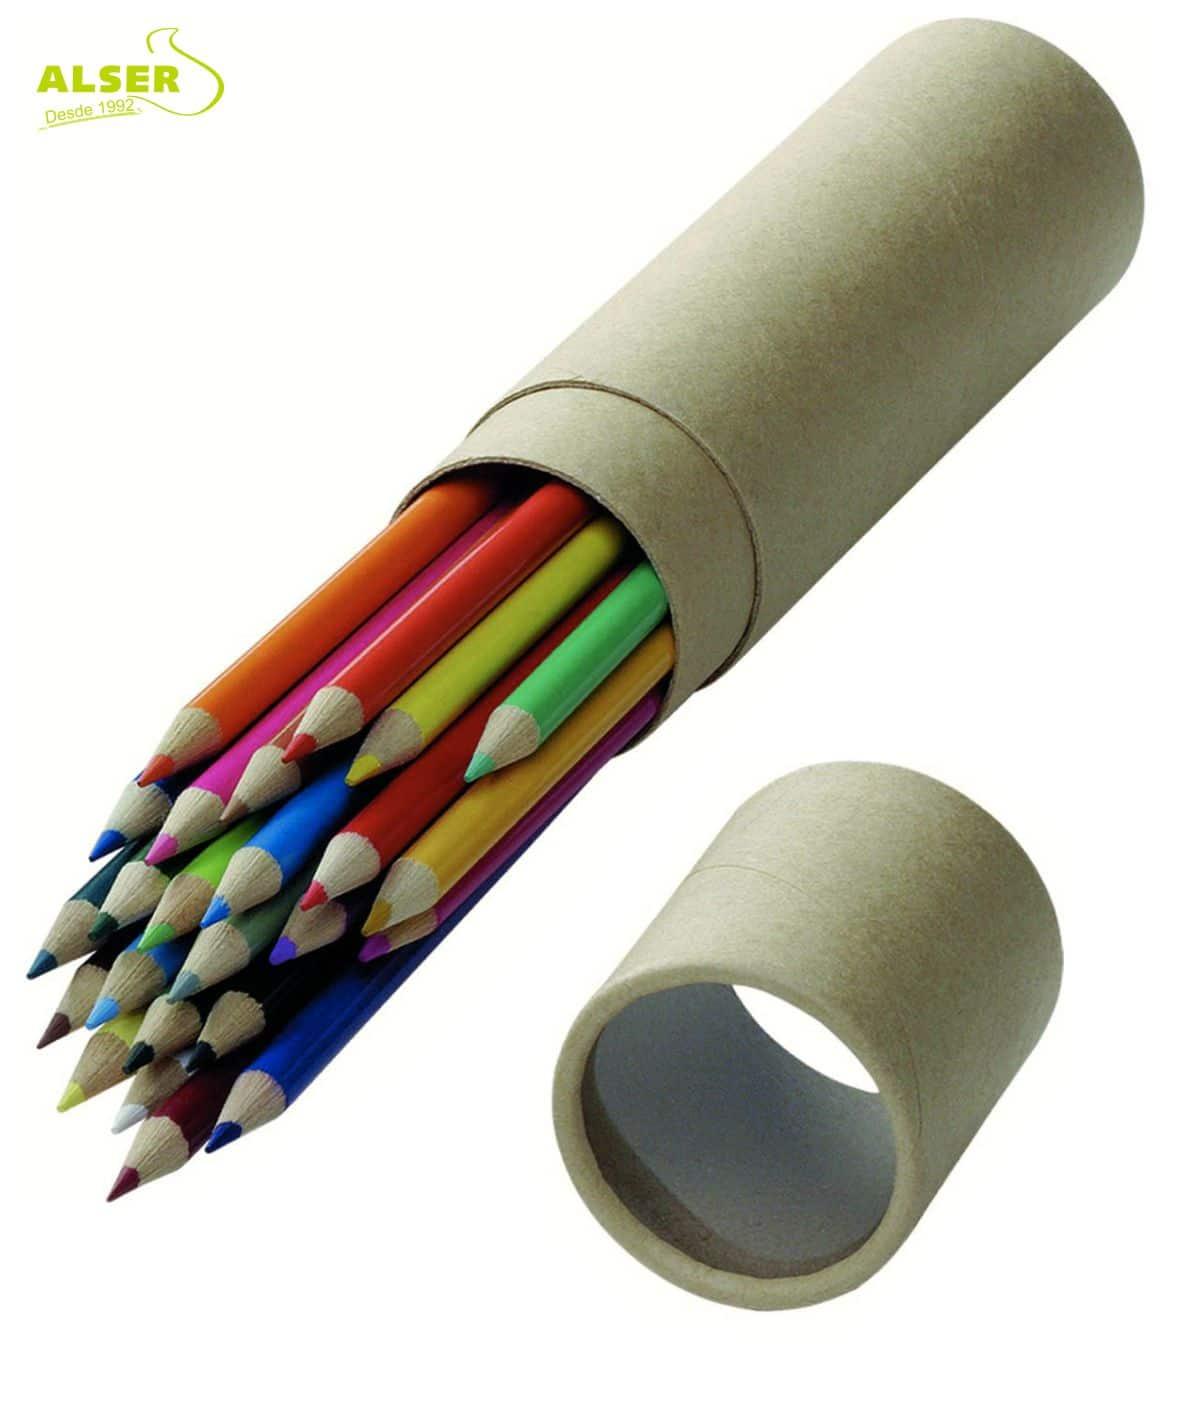 Estuche redondo de lápices de colores